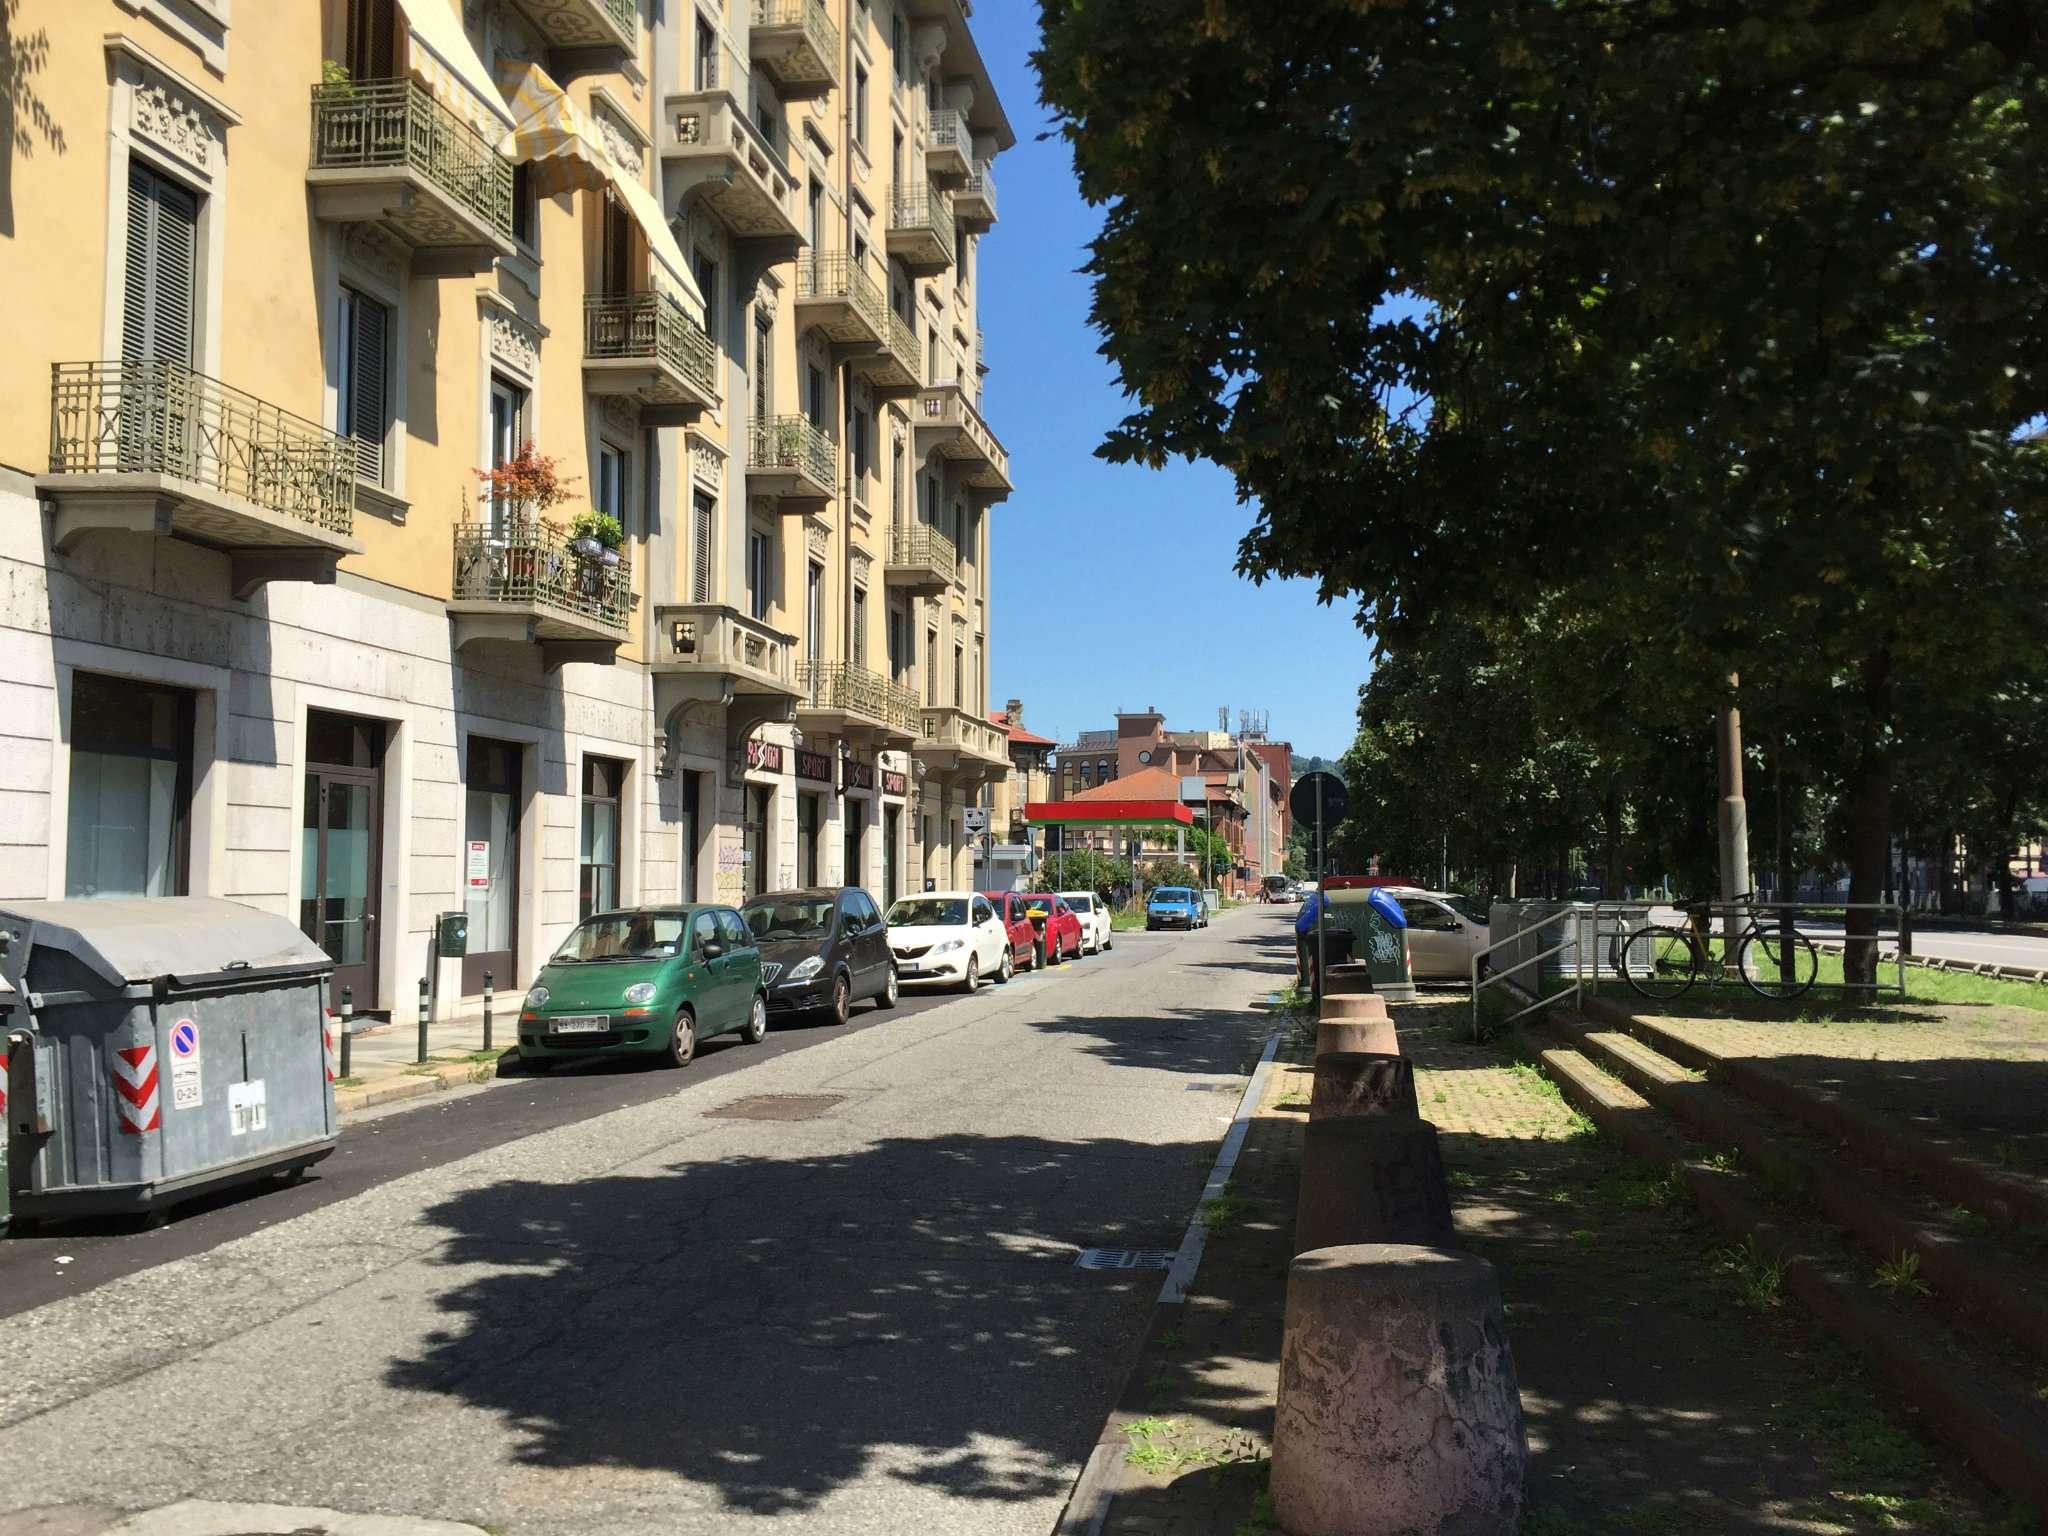 Ristorante Pizzeria Trattoria Torino Vendita 25000 Zona 11